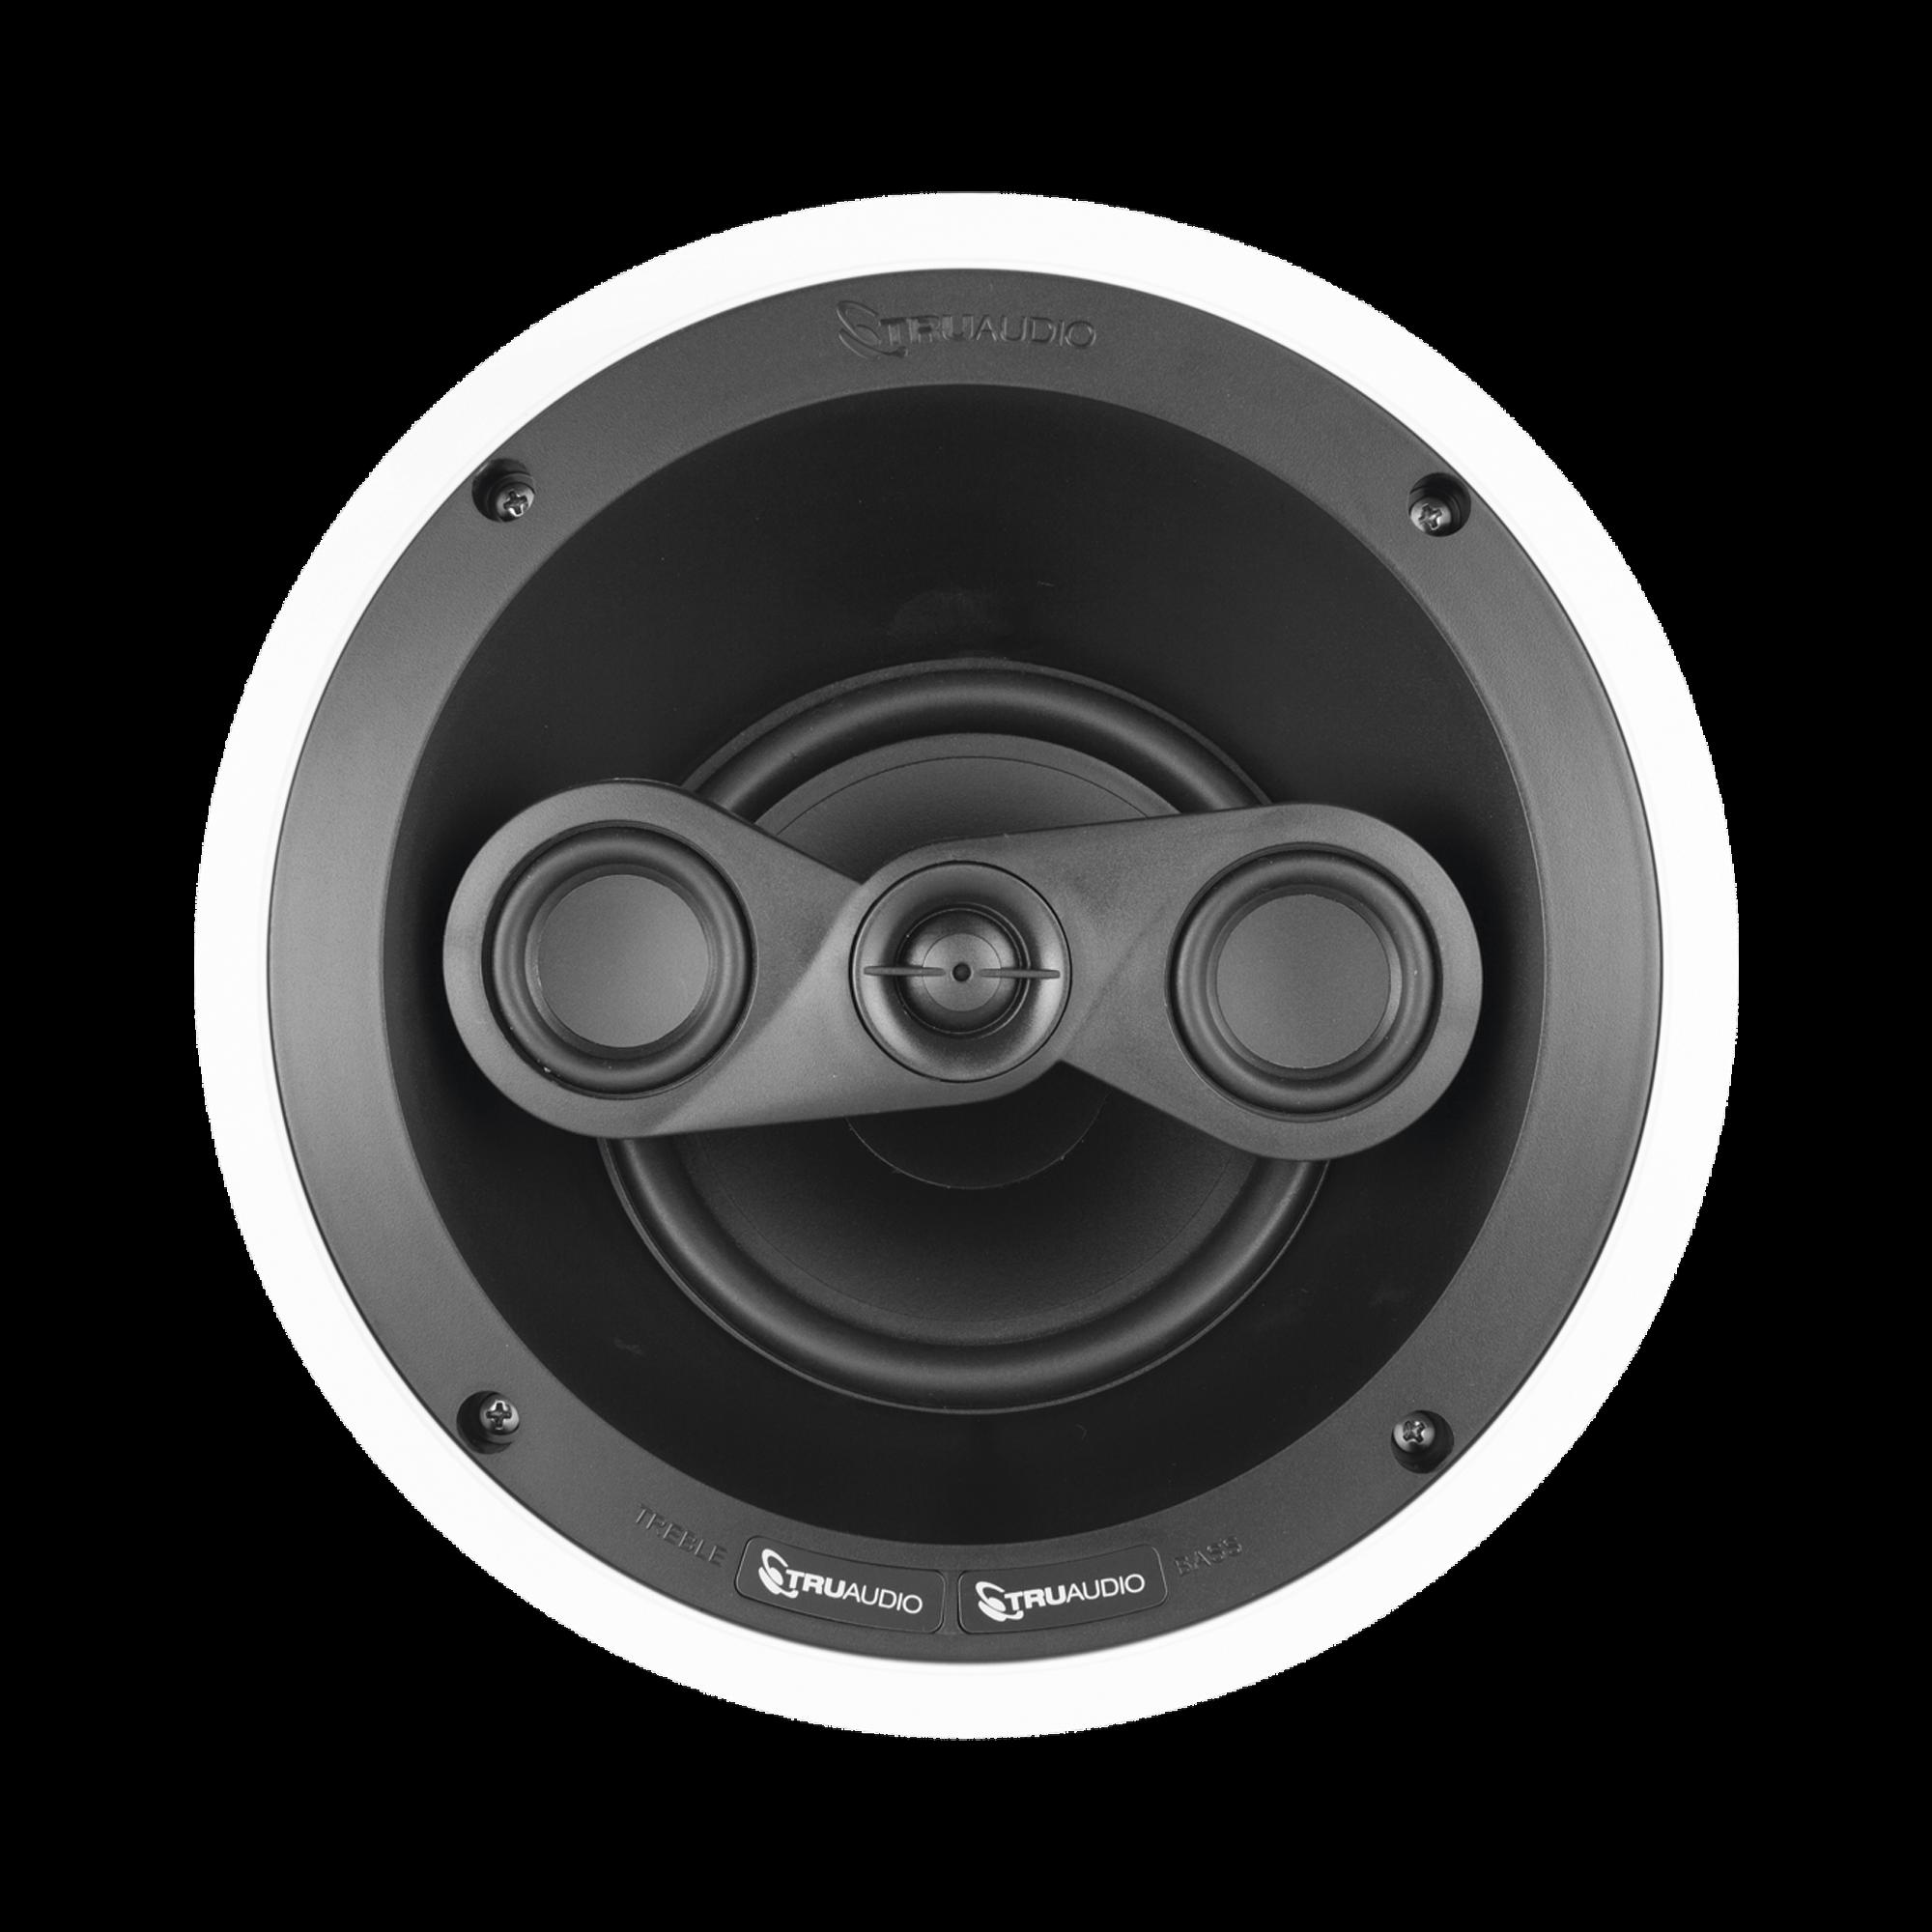 Revolve Series Altavoz LCR de techo de 6.5in y 3 vias con Woofer de polietileno